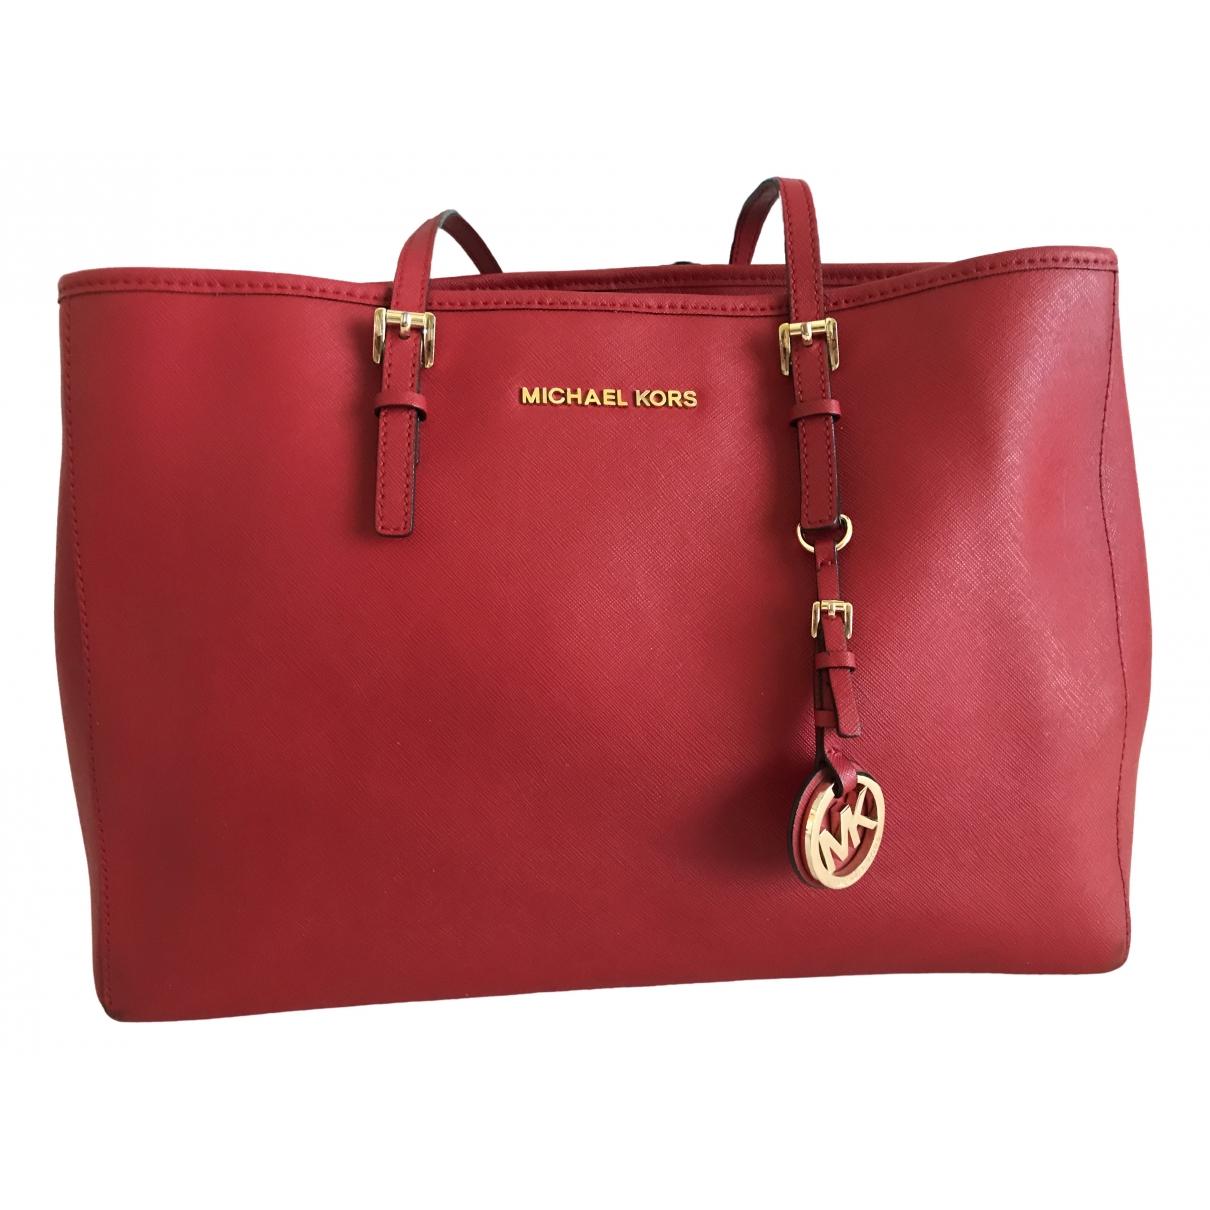 Michael Kors \N Red handbag for Women \N